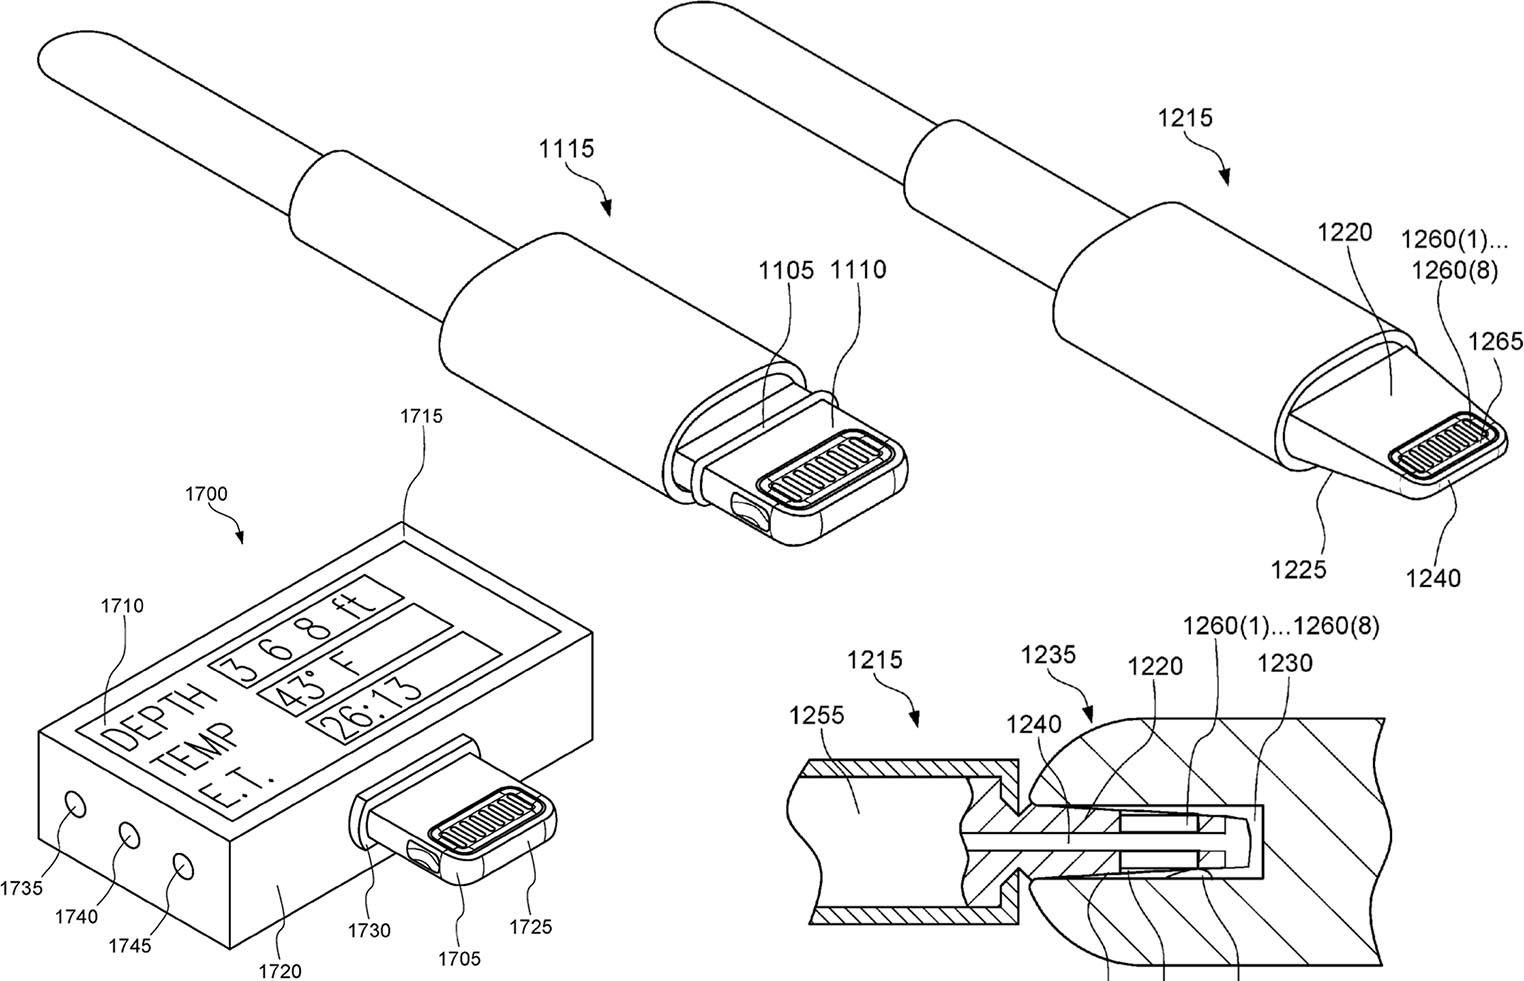 Câble Lightning étanche brevet